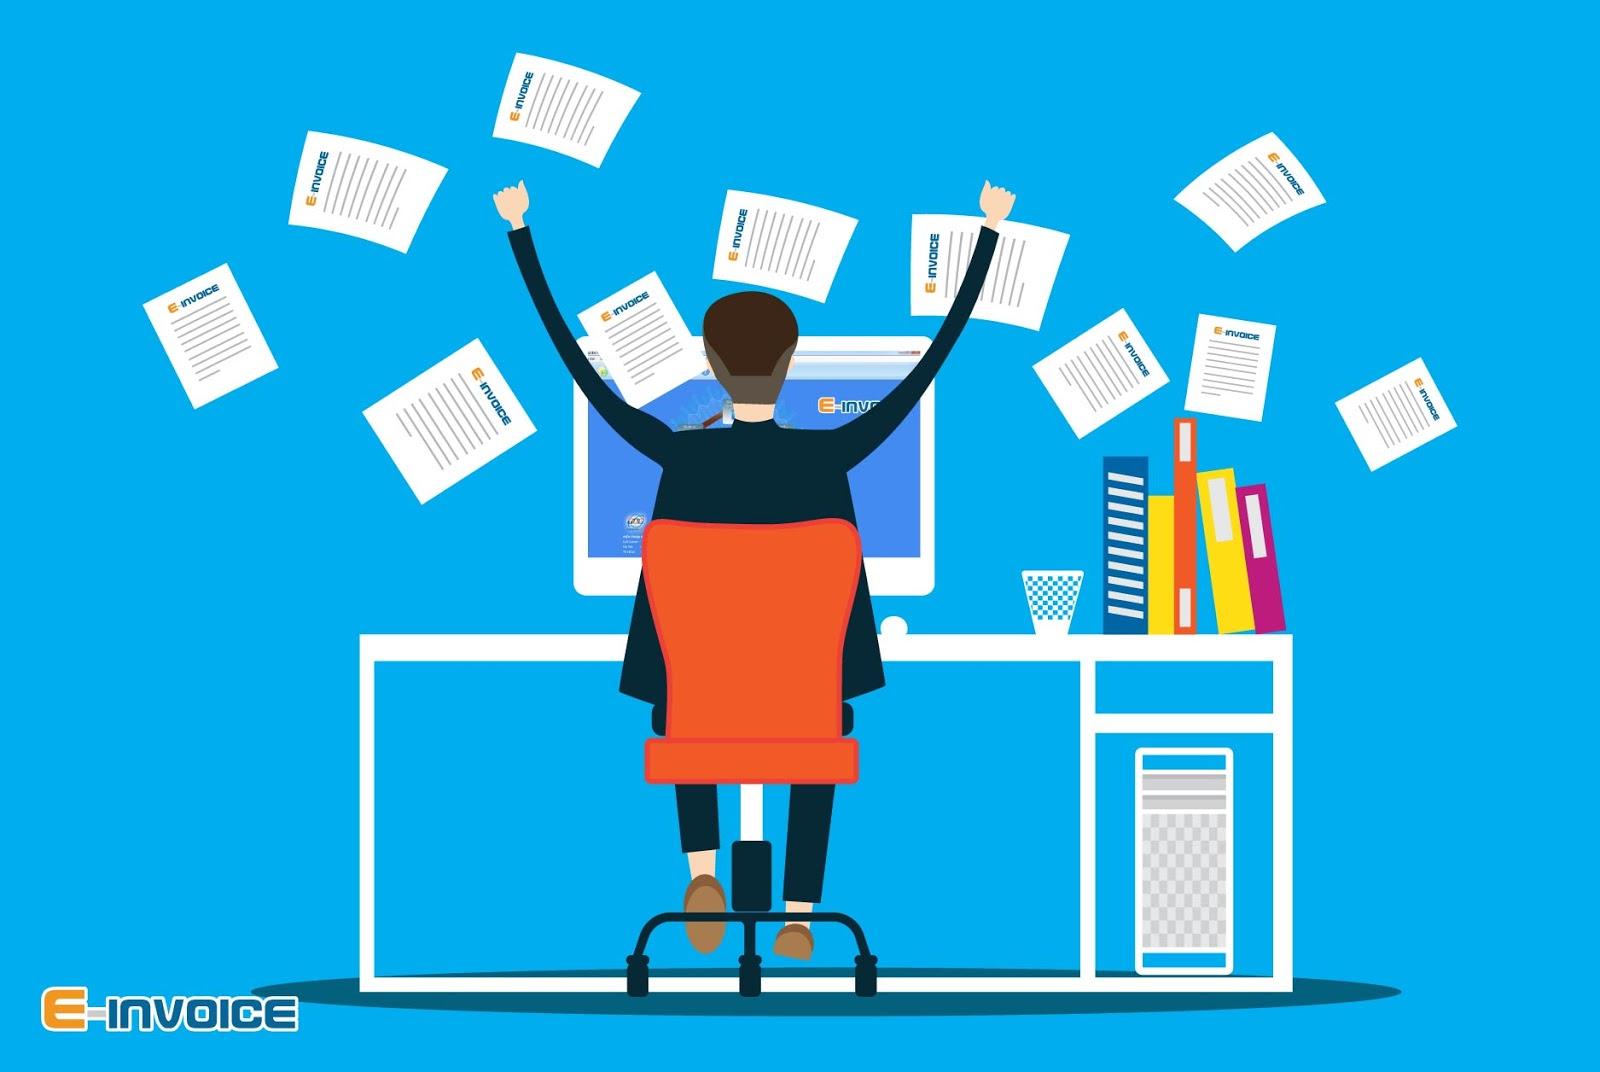 Doanh nghiệp cần tìm hiểu điều kiện sử dụng hóa đơn điện tử.